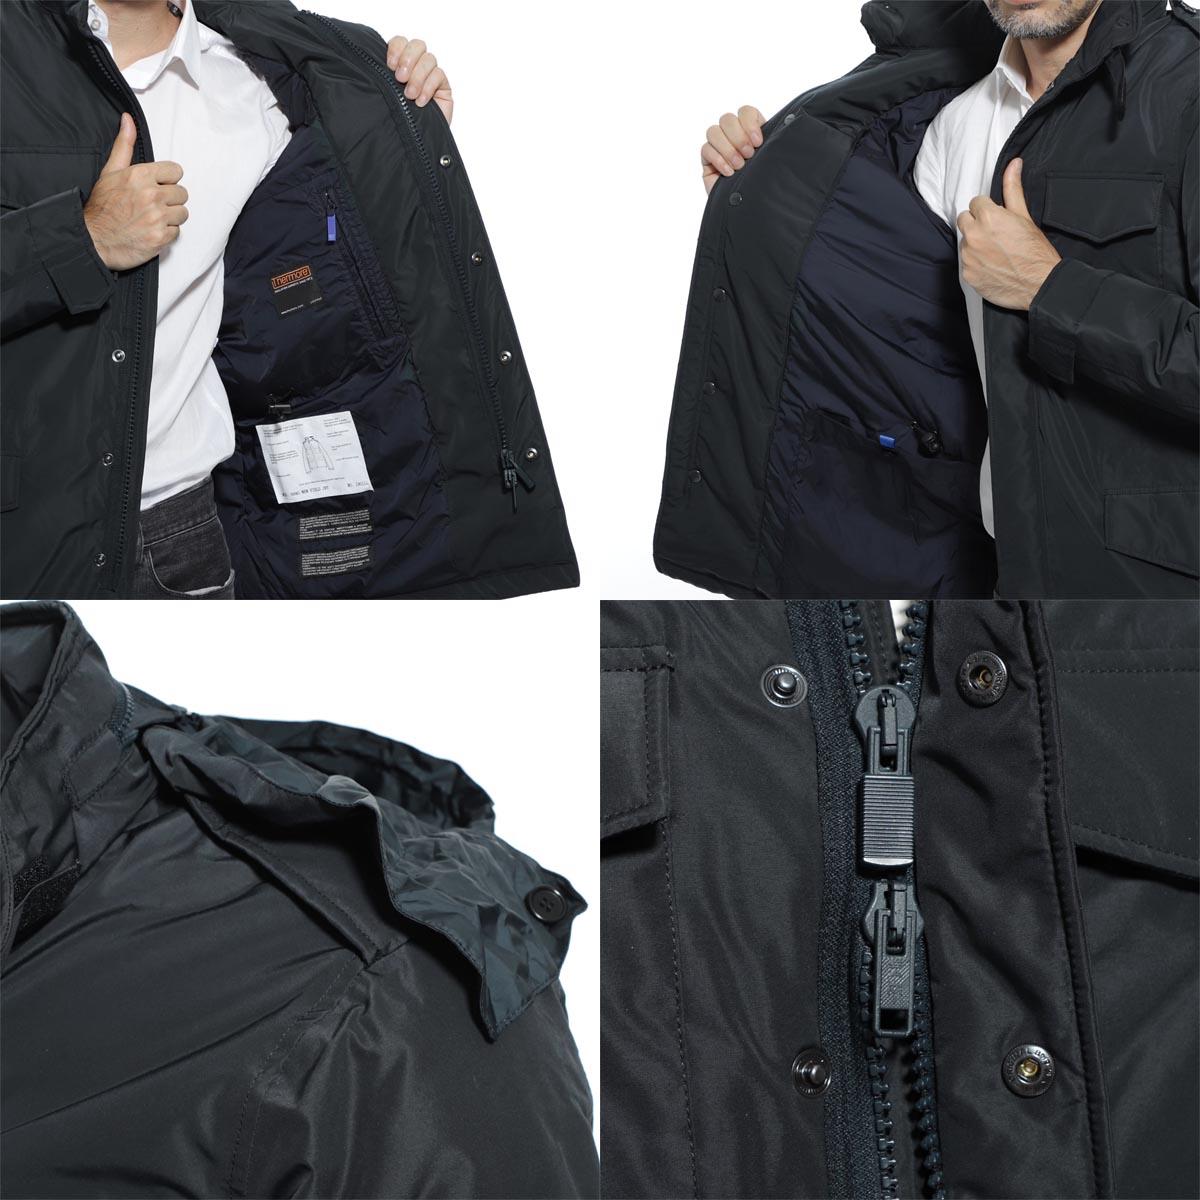 【アウトレット】 ASPESI アスペジ フィールドジャケット/NEW FIELD JKT JACKET メンズ